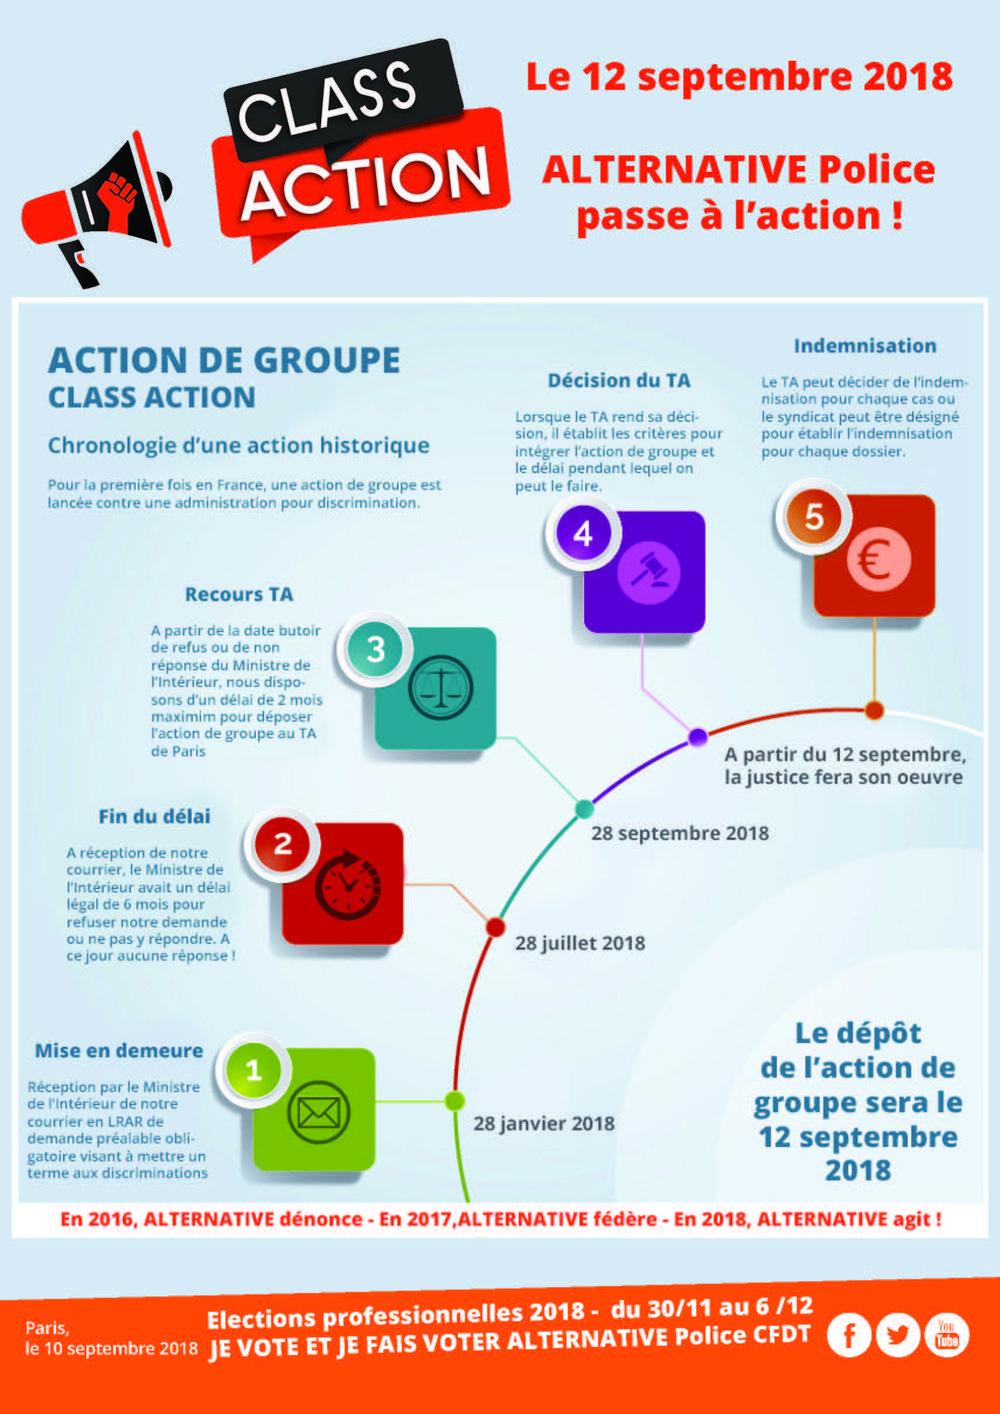 Class action - Saisie du TA de Paris